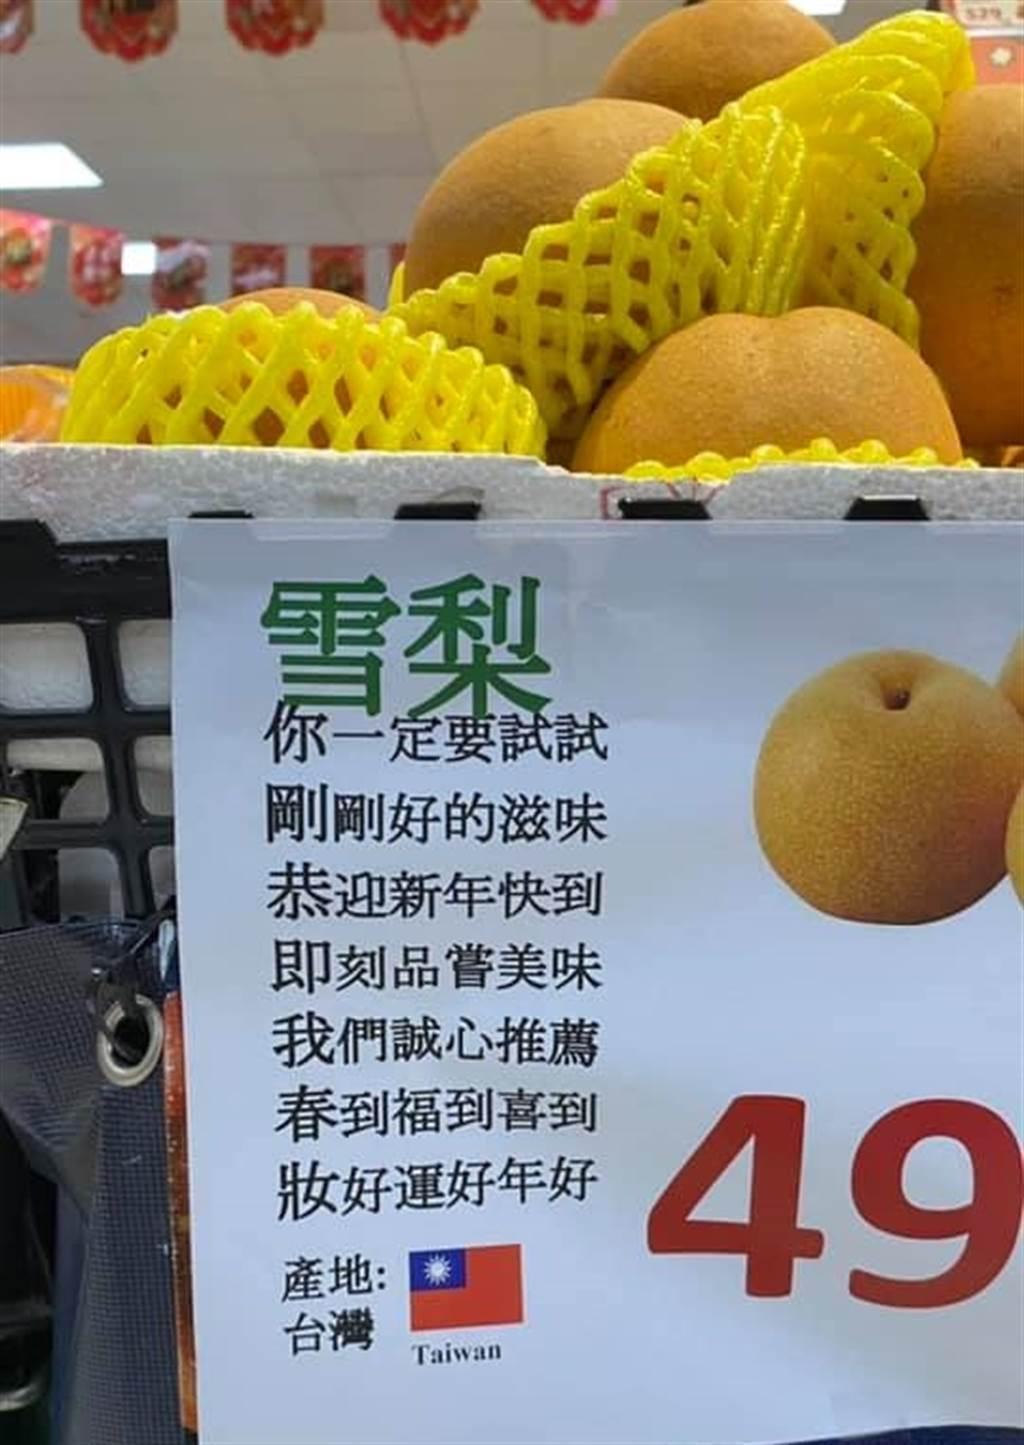 一名網友在超市賣水梨的架上發現有趣的藏頭詩,該招牌將水梨寫作「雪梨」,用7行文字顯示出一句話「你、剛、恭、即、我、春、妝」。(圖/翻攝自臉書「路上觀察學院」)